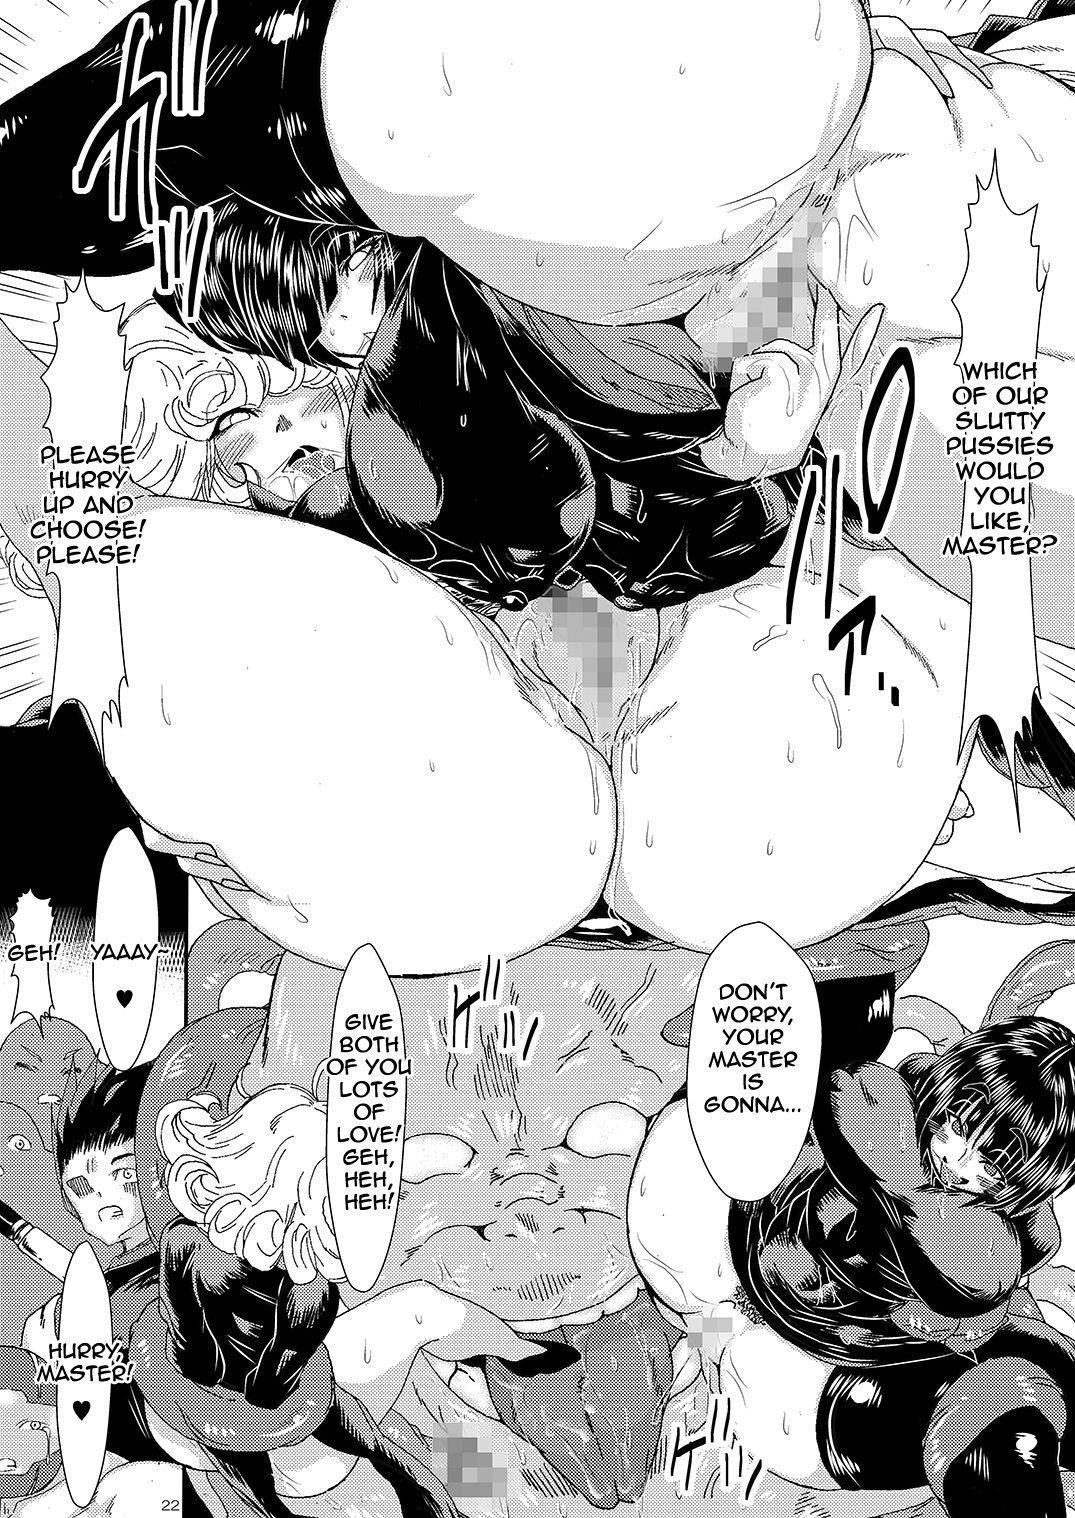 [Yuzuponz (Sakokichi)] IN RAN-WOMEN Kairaku ni Ochiru Shimai   Nympho-Women Sisters Falling into Ecstasy (One Punch Man) [English] [Jashinslayer] [Digital] 20